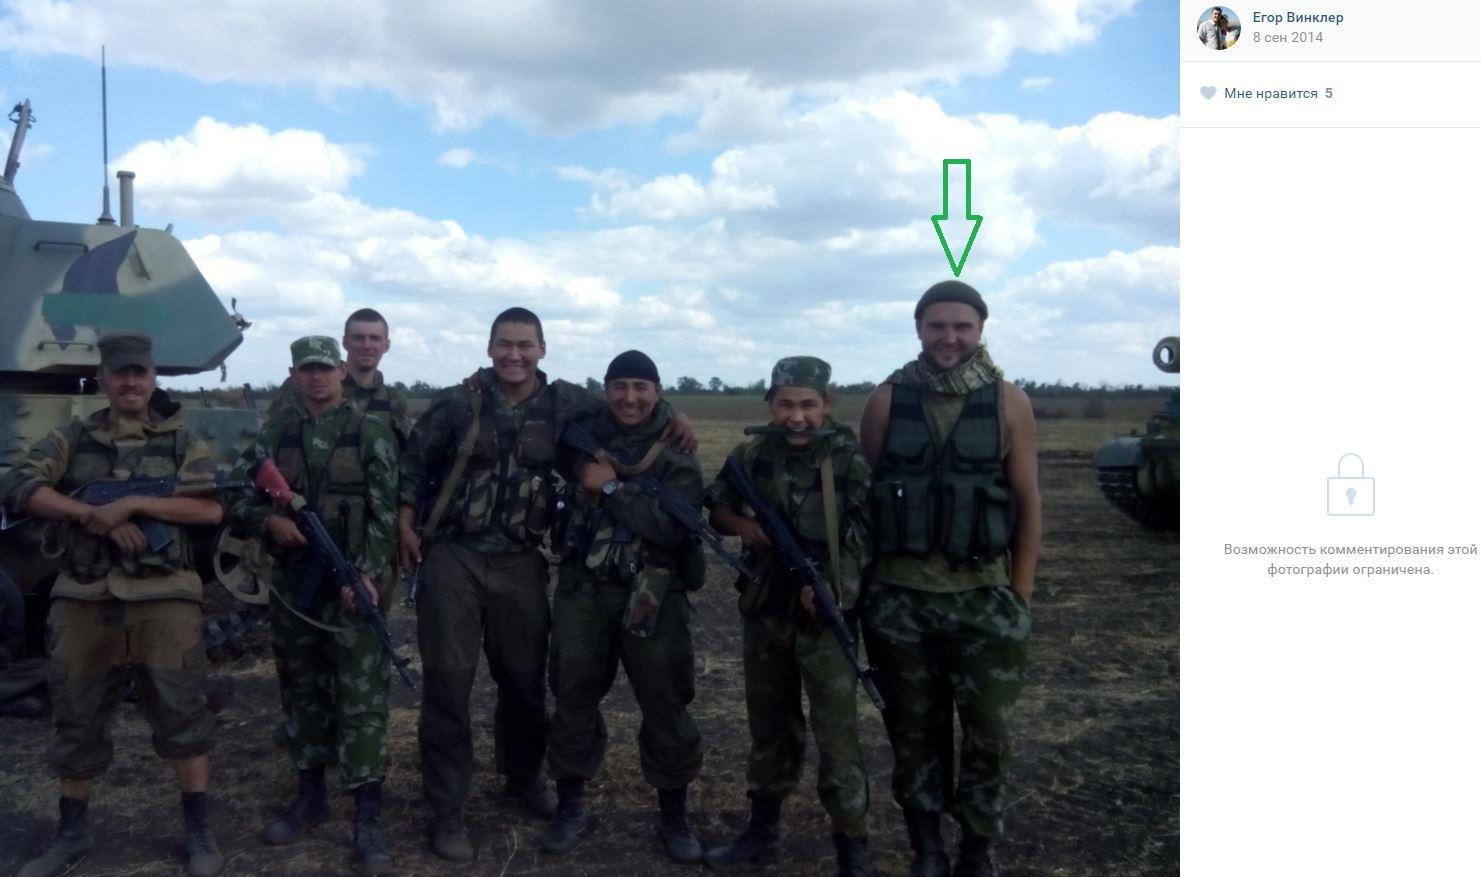 Ryska artilleriets 136:e motoriserade skyttebrigad i Ukraina